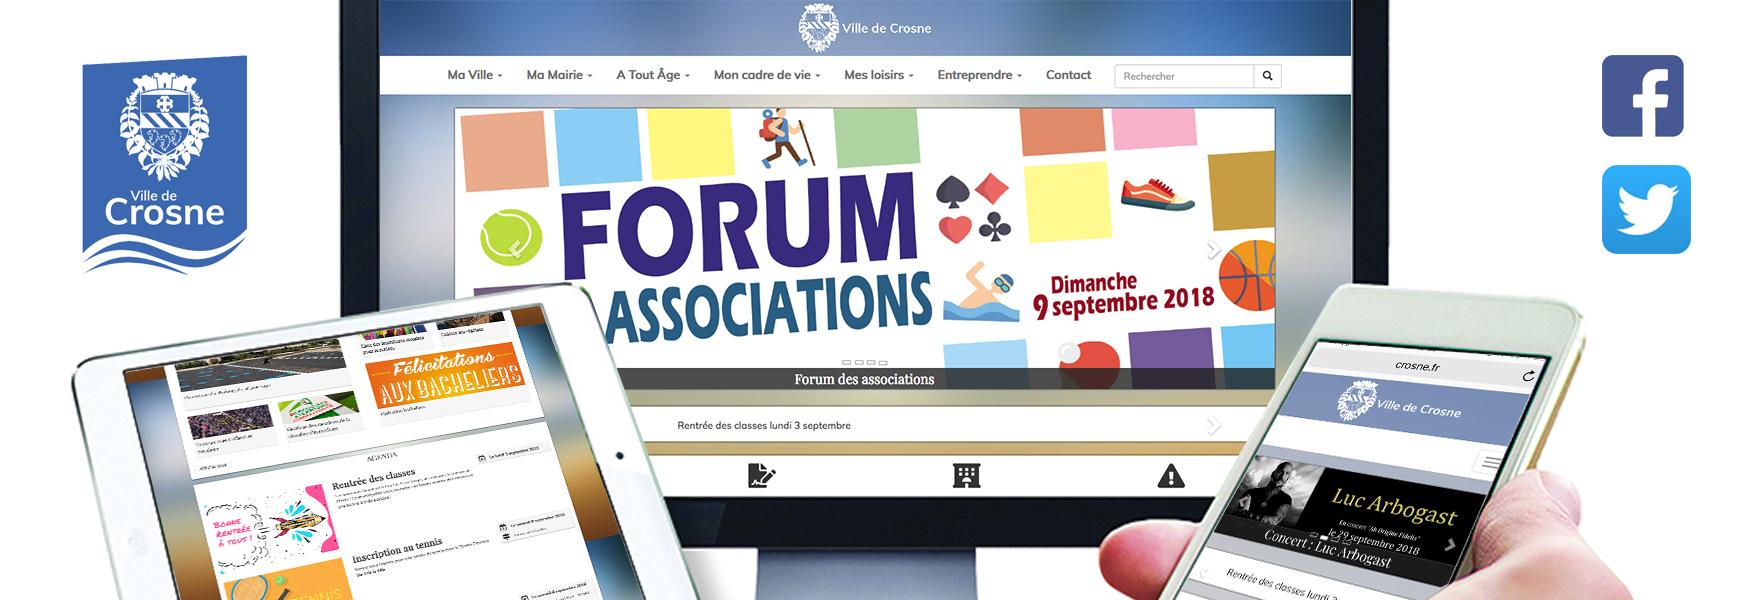 Le nouveau site crosne.fr